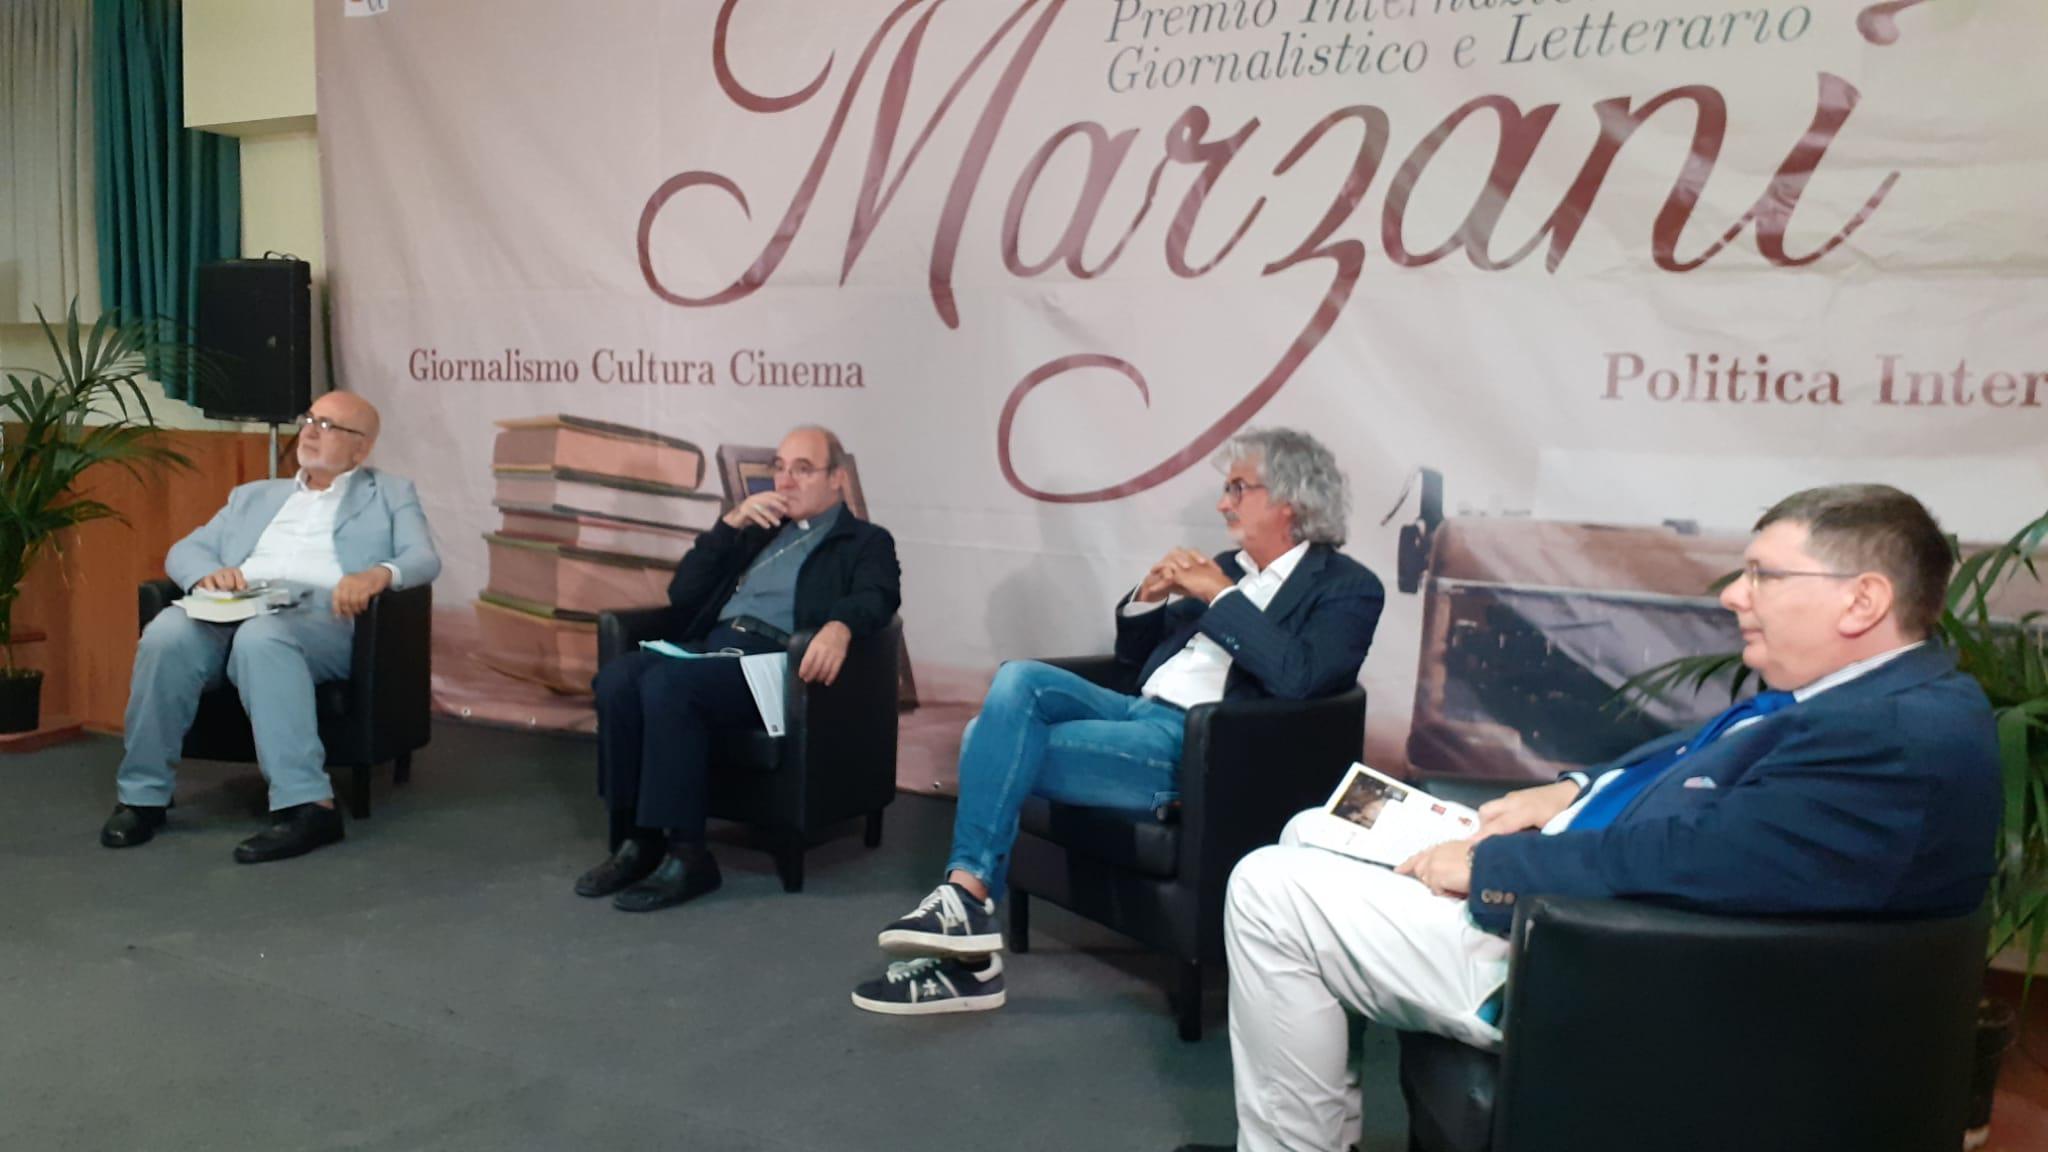 San Giorgio del Sannio| Accrocca, Terza edizione del Forum su aree interne: chiusura col Presidente del Consiglio Conte